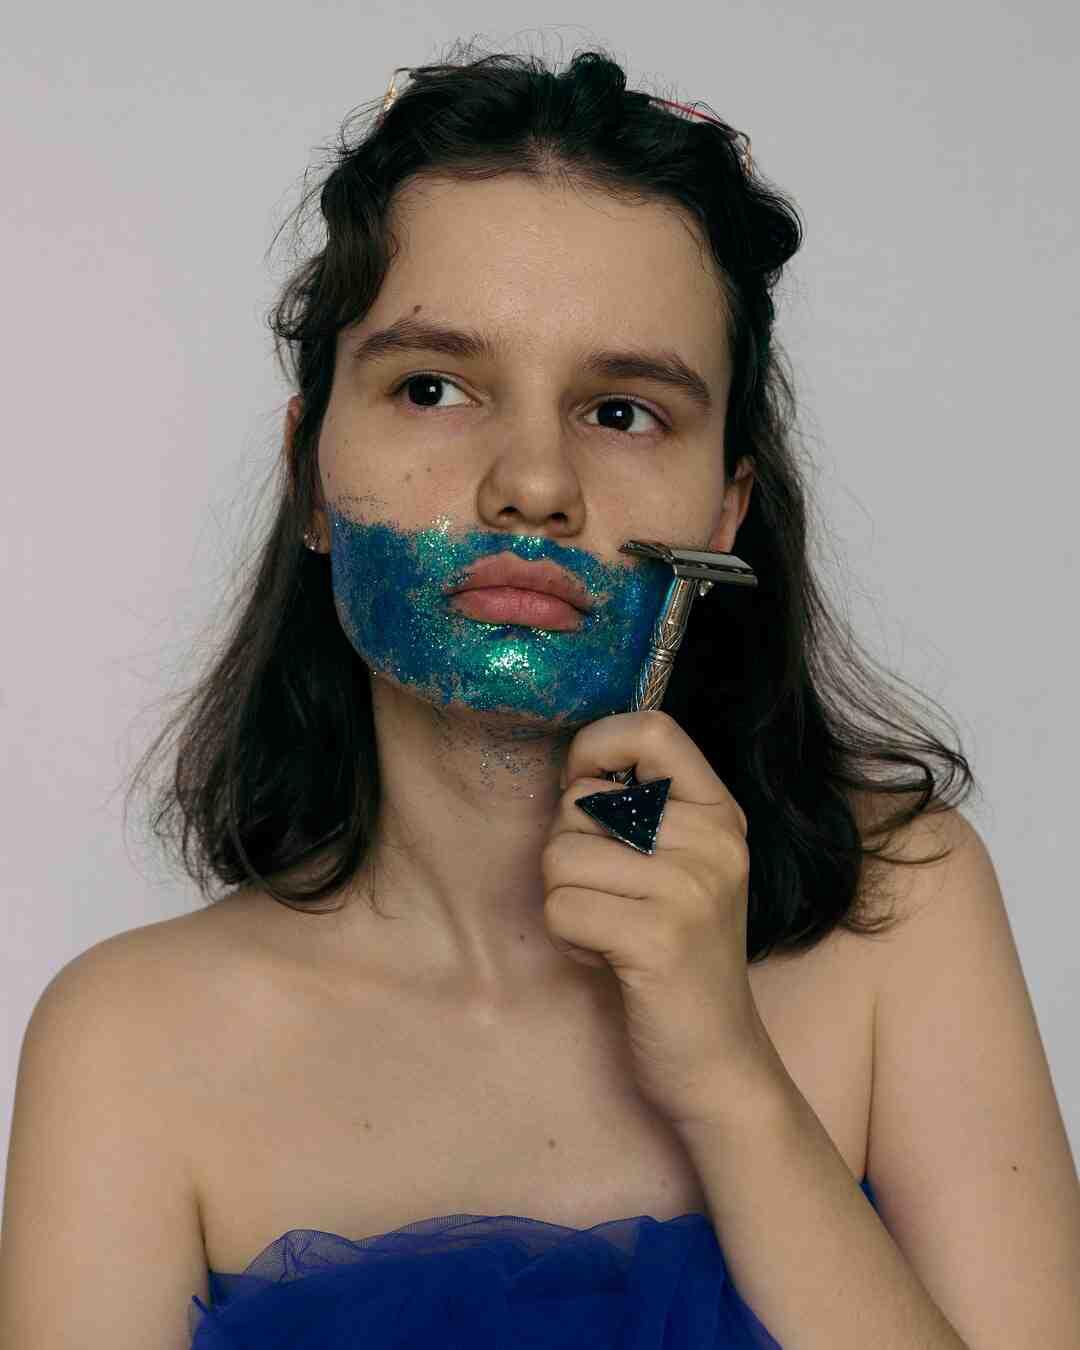 Como se depilar com condicionador?